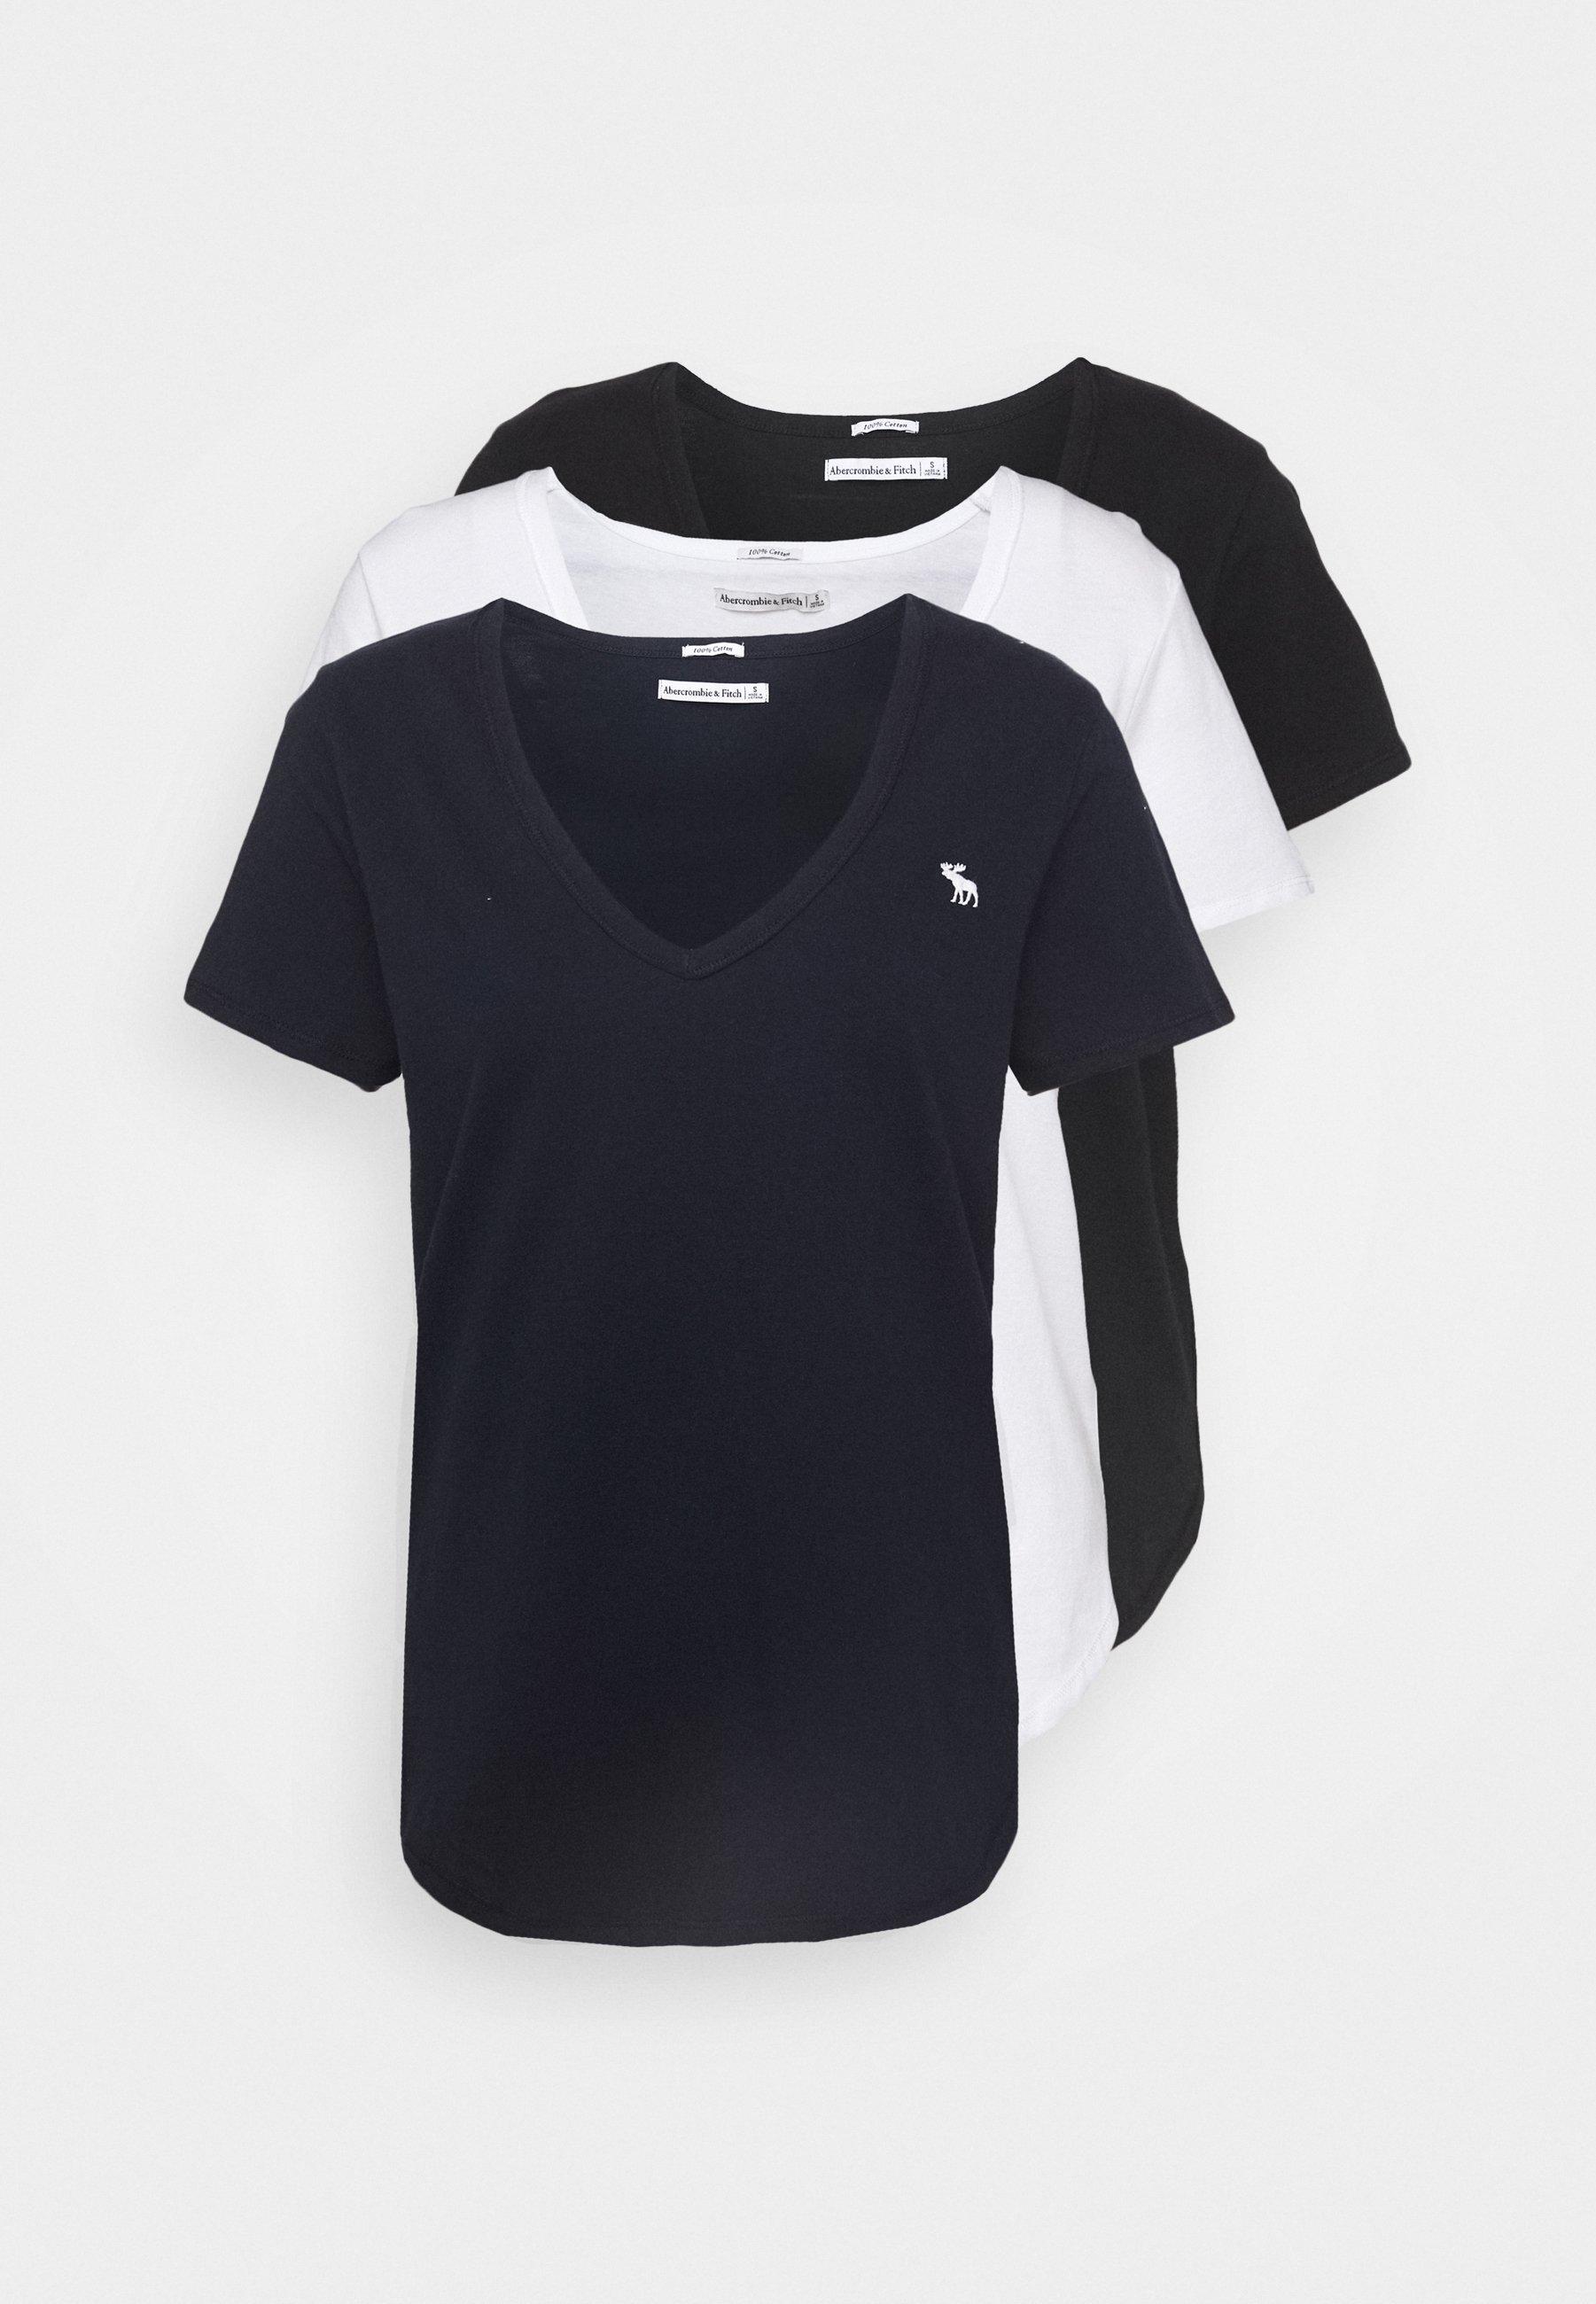 Topy na topie! Trendy T shirty ! Na pewno znajdziesz coś dla